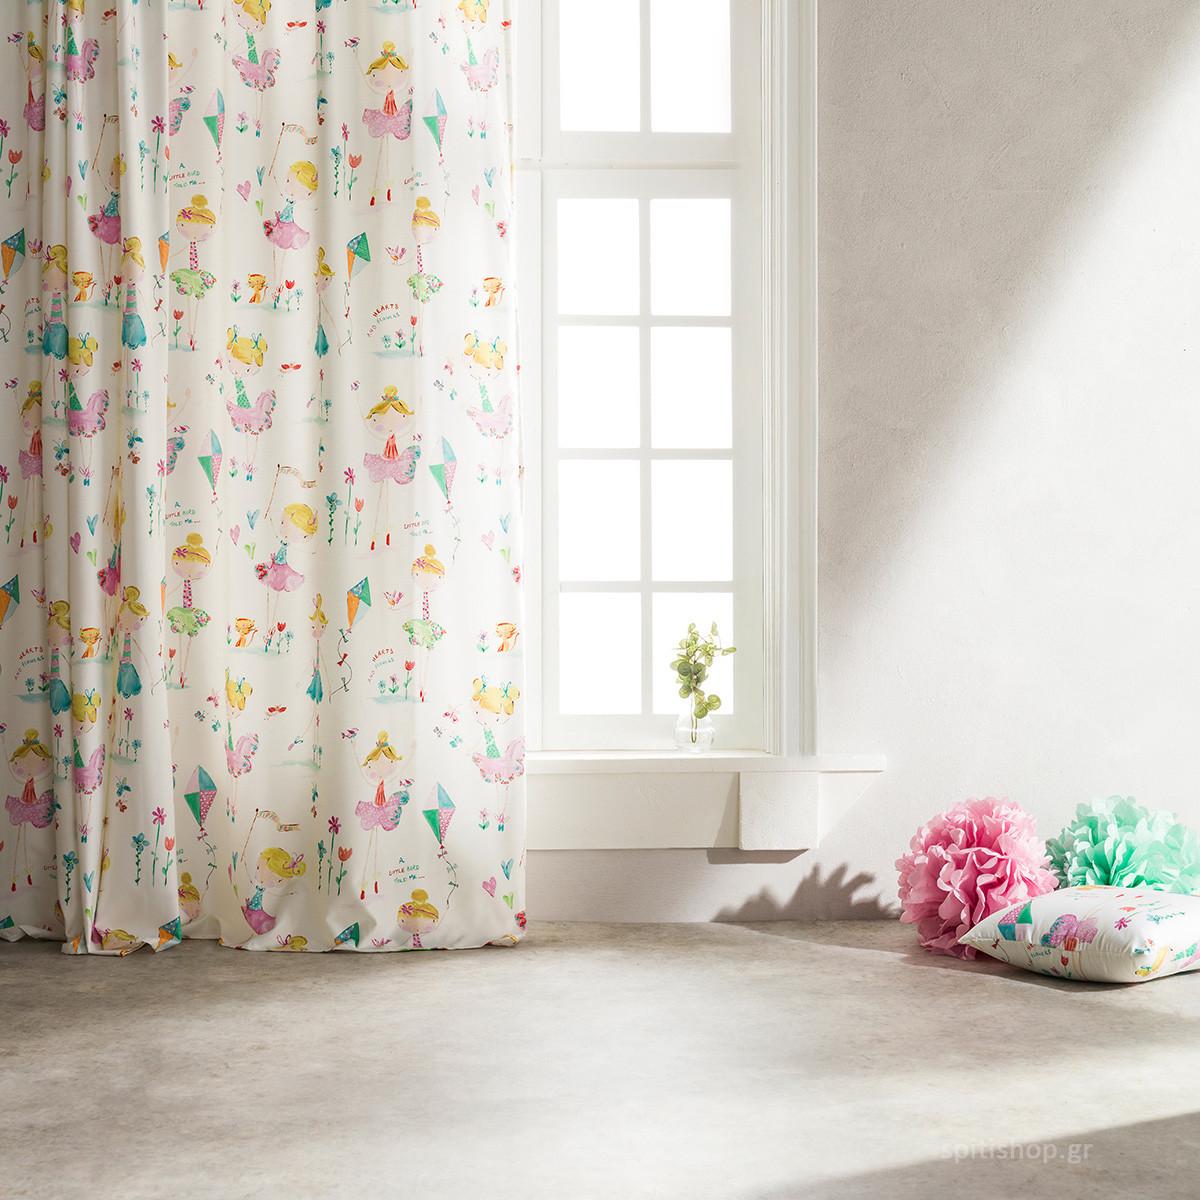 Παιδική Κουρτίνα (160x260) Με Τρέσα Gofis Home Fairytale 349